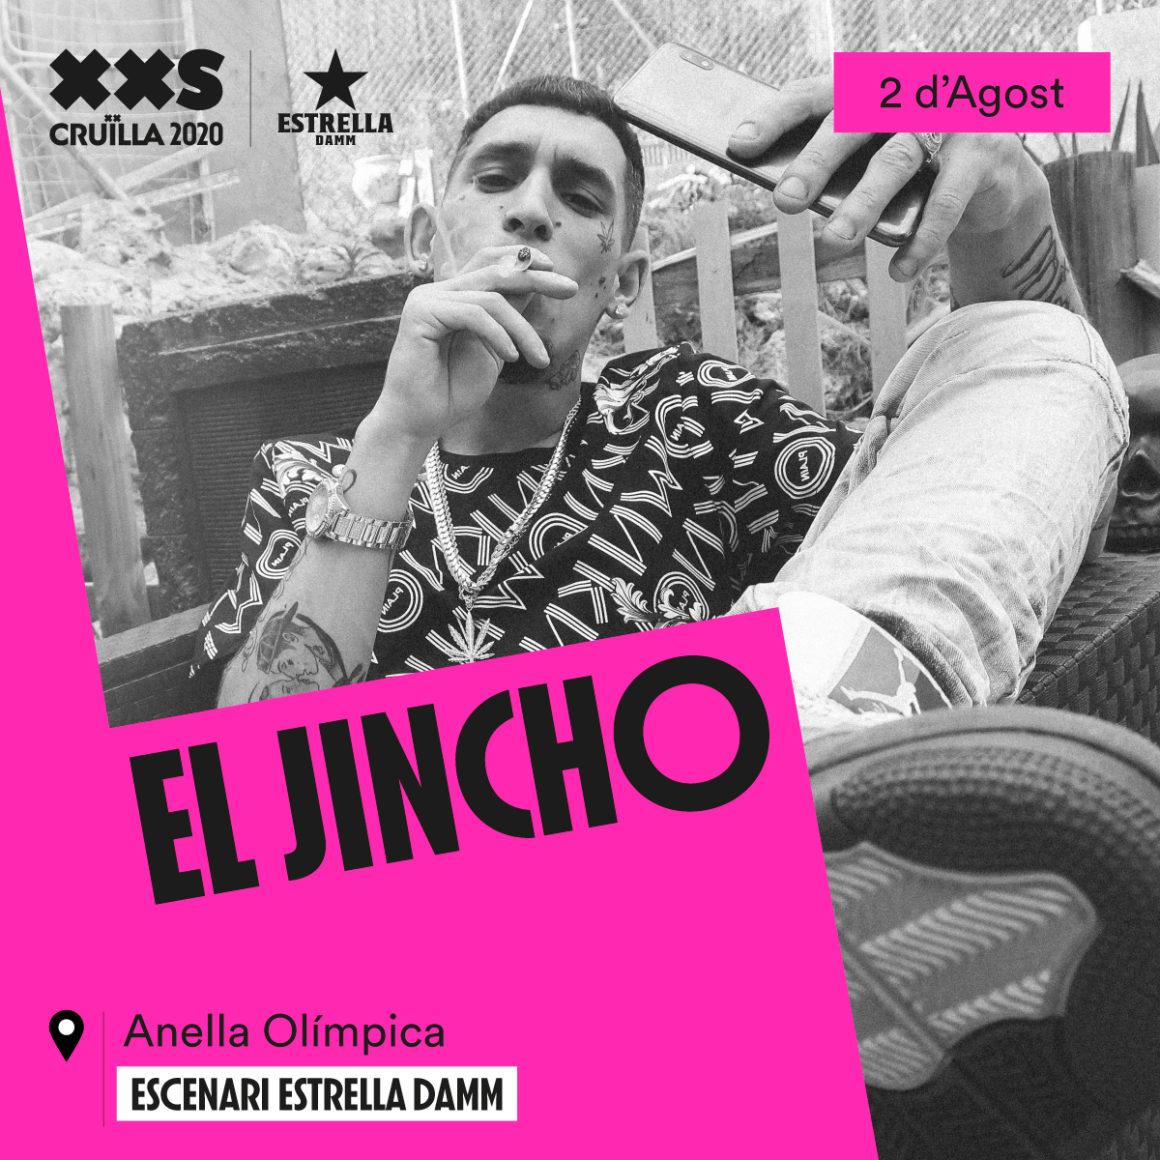 El Jincho actuará en el Crüilla XXS